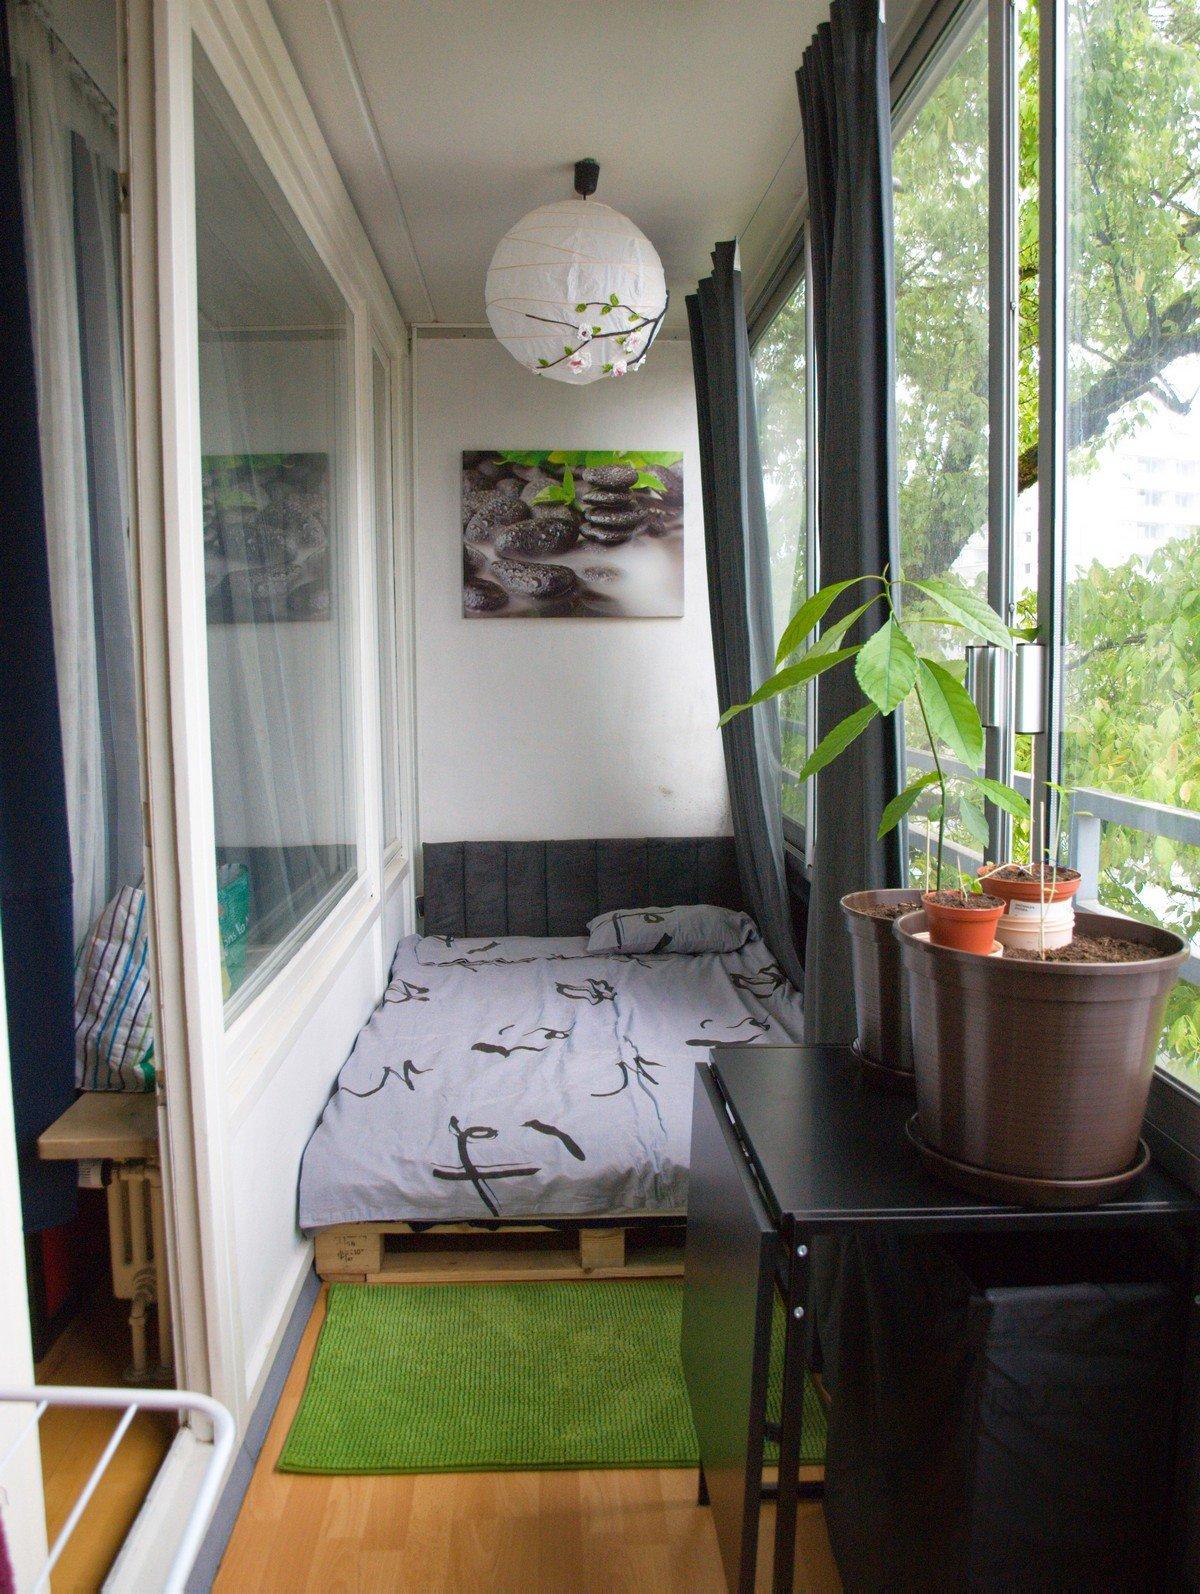 """Коврик для балкона-спальни"""" - карточка пользователя missis.l."""